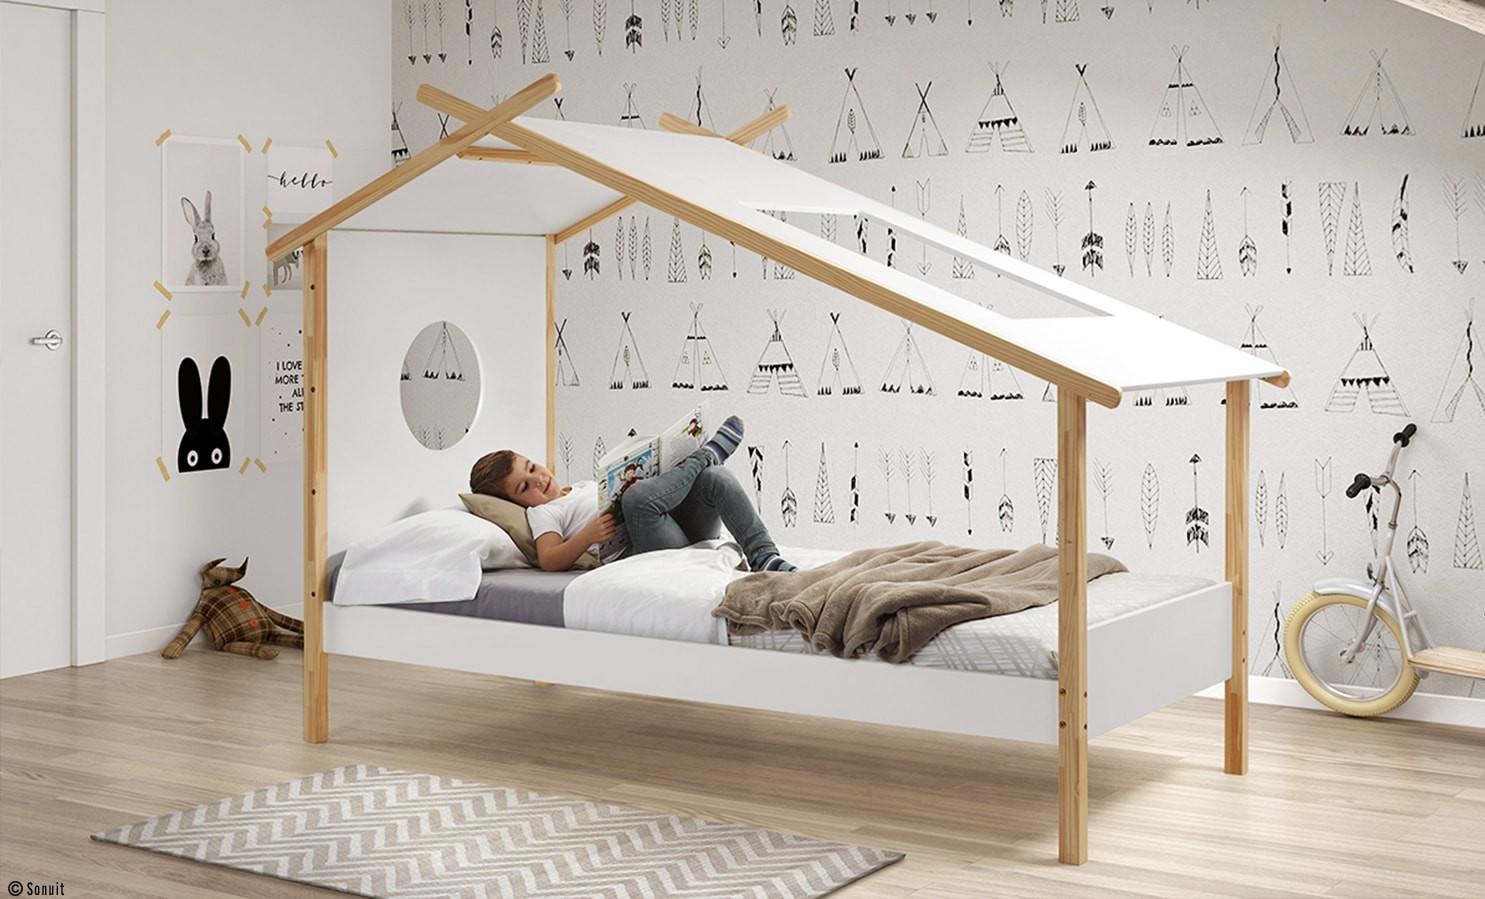 New Meuble Design Chambre Bebe